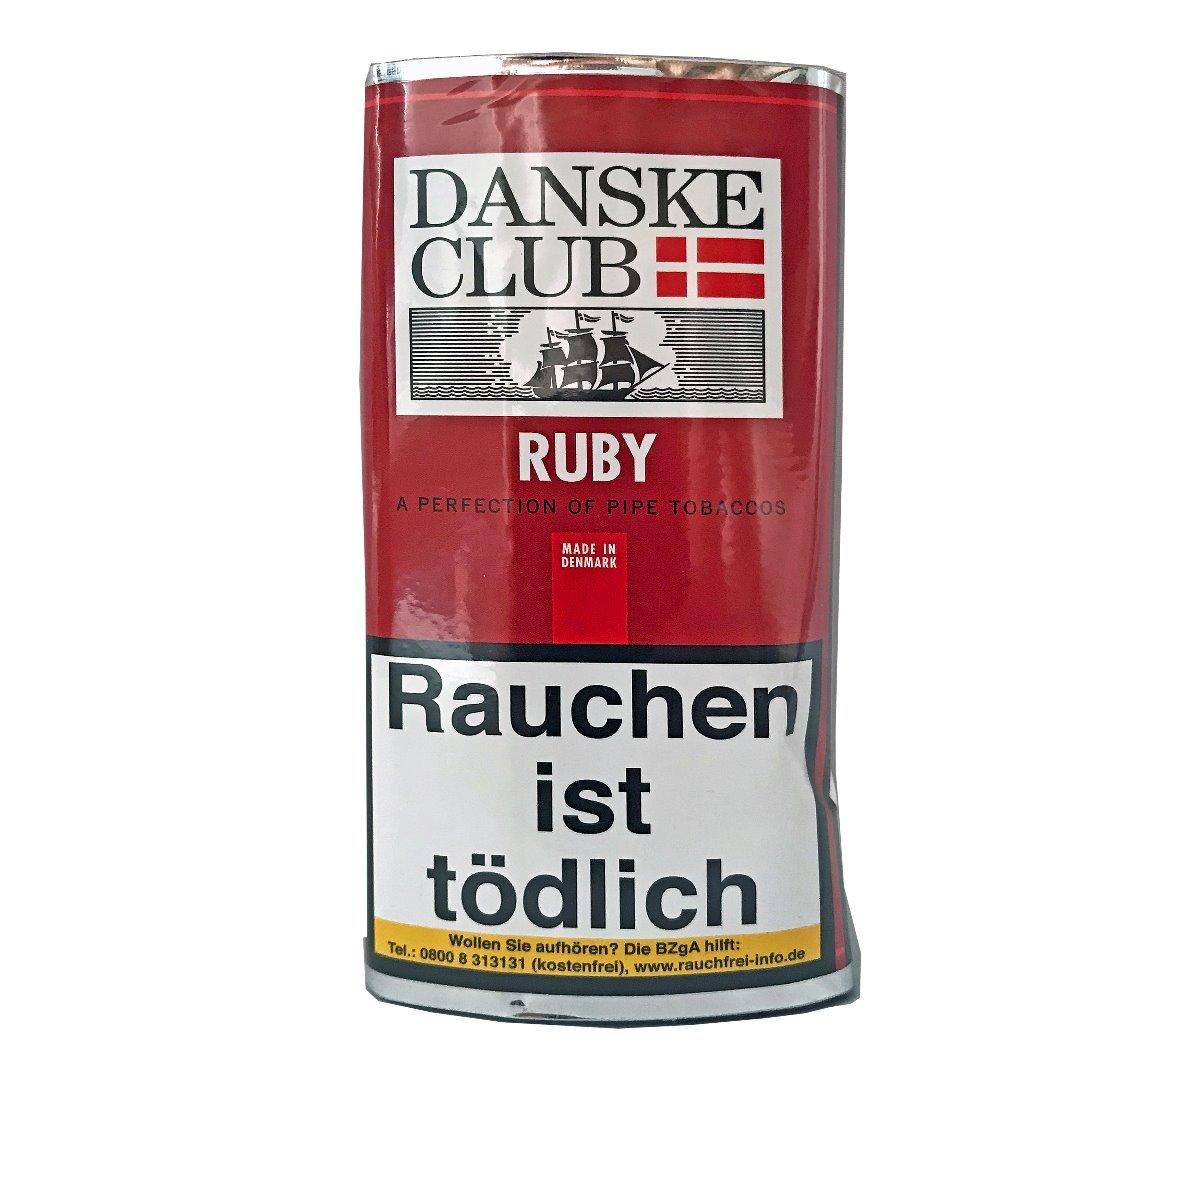 Danske Club Ruby Pfeifentabak 50g Pouch